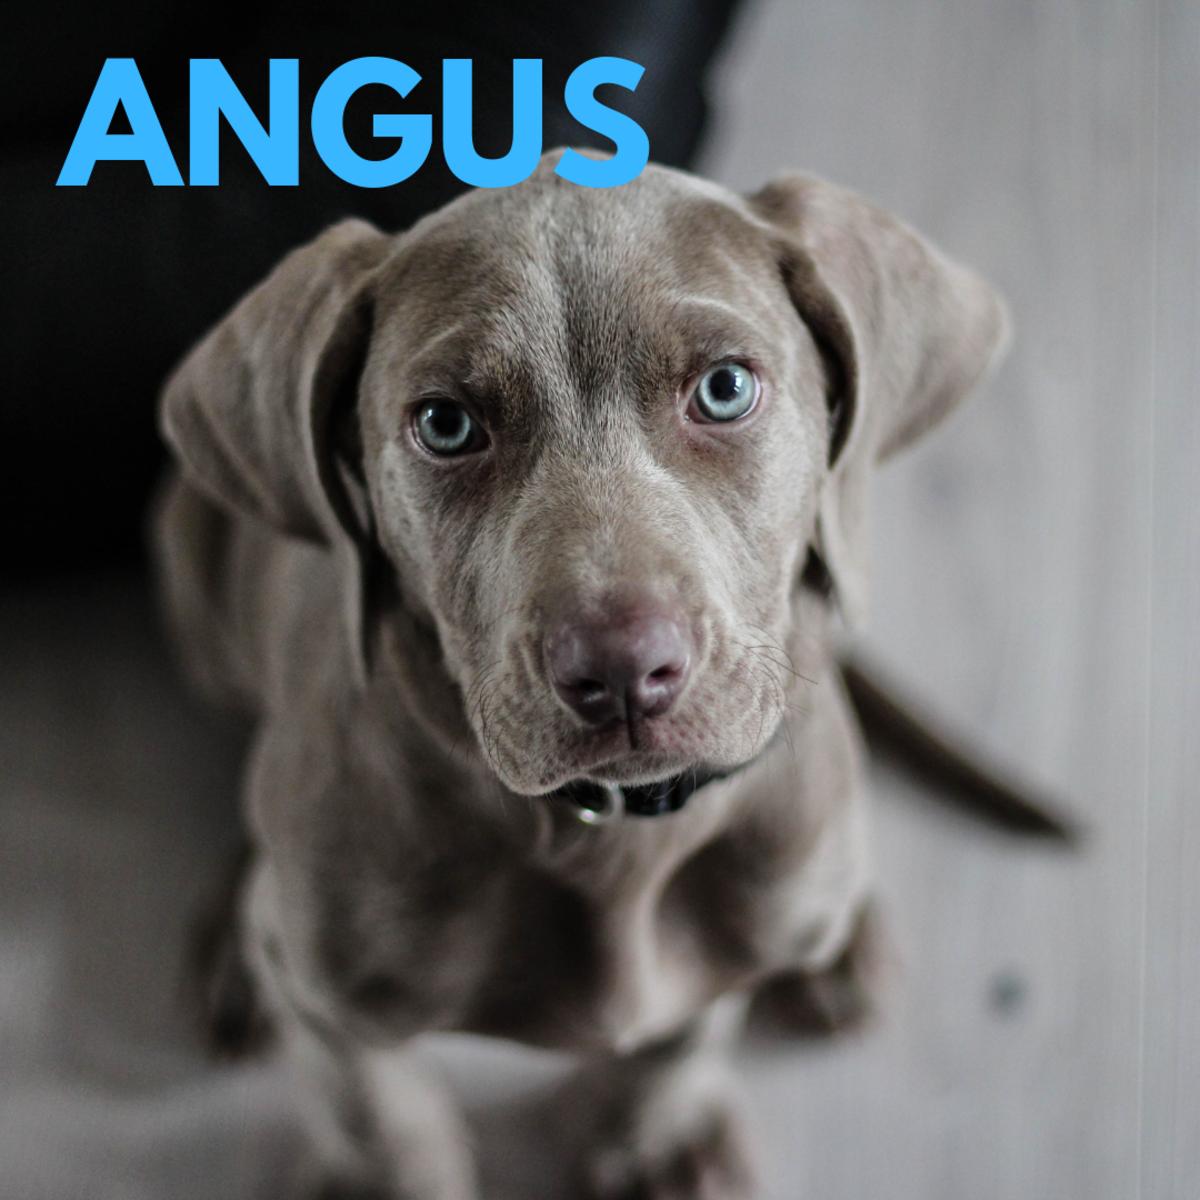 Is he an Angus?